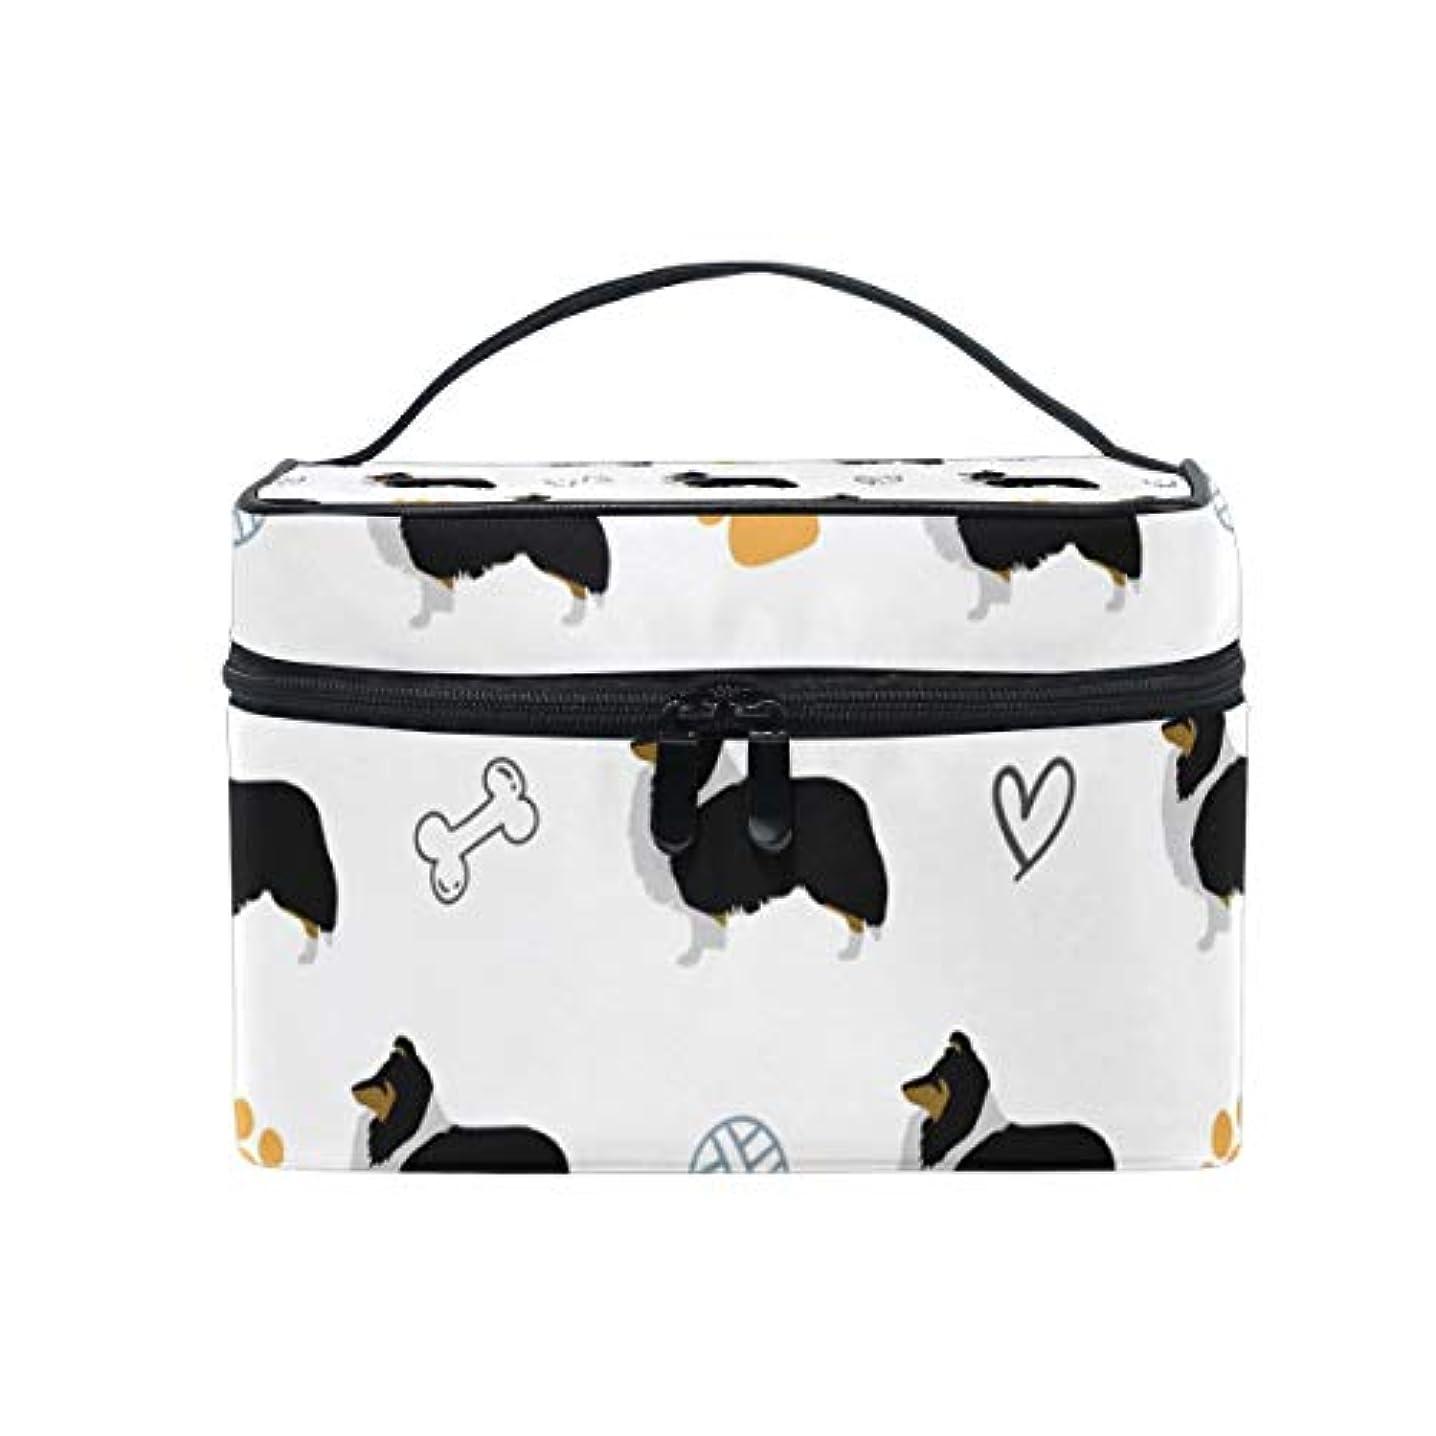 接触キモい包括的メイクボックス 面白い シェットランドシープドッグ柄 化粧ポーチ 化粧品 化粧道具 小物入れ メイクブラシバッグ 大容量 旅行用 収納ケース